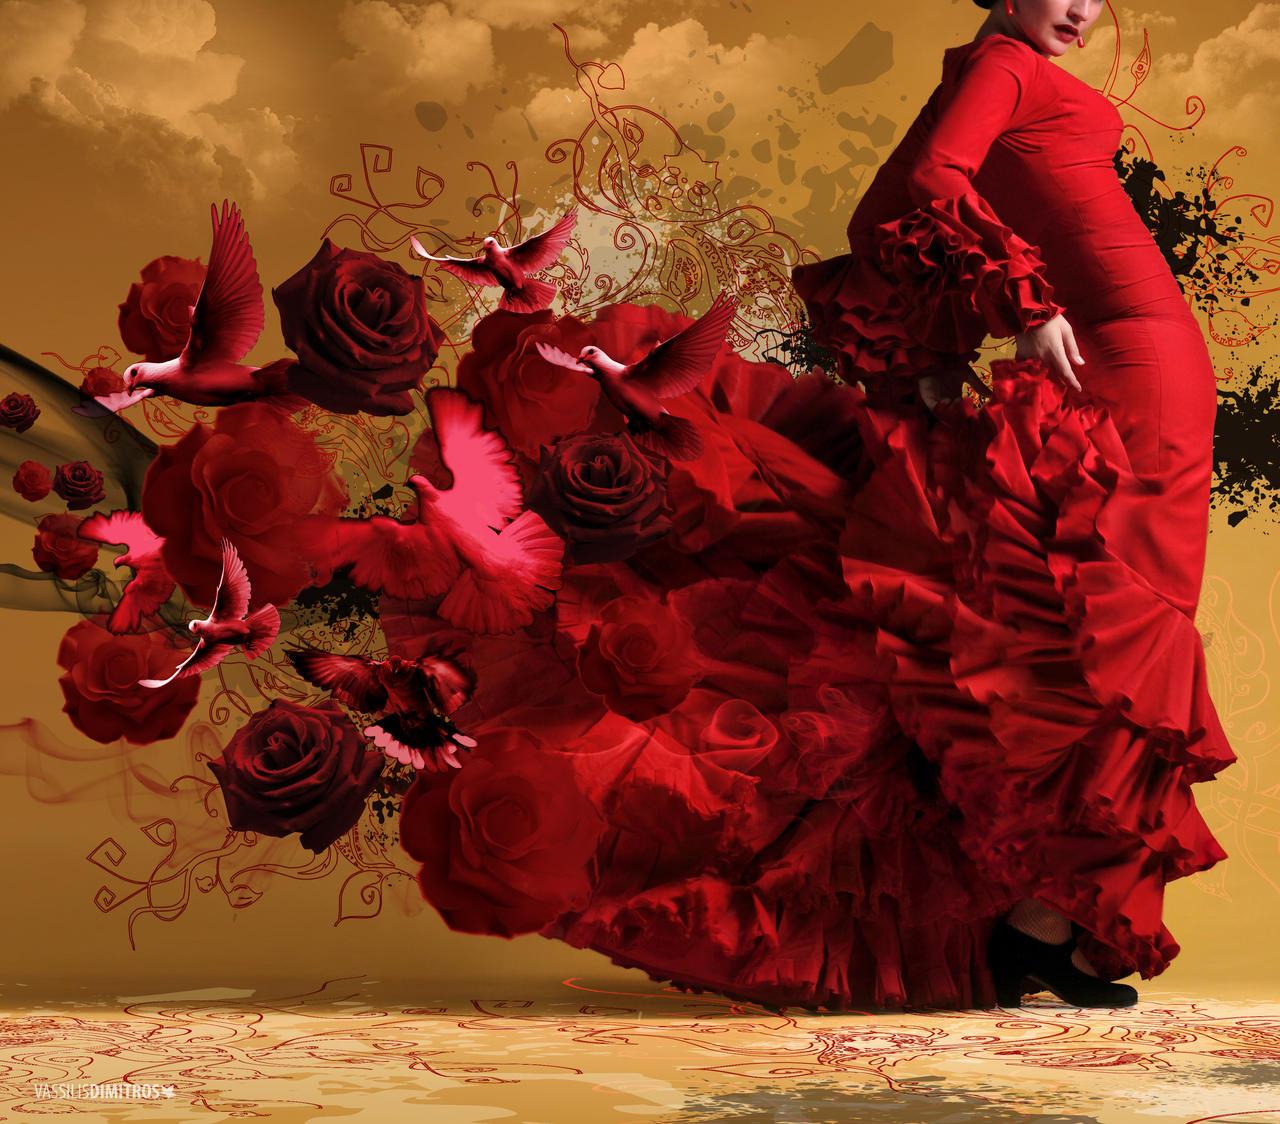 flamenco by dimitrosw on deviantart